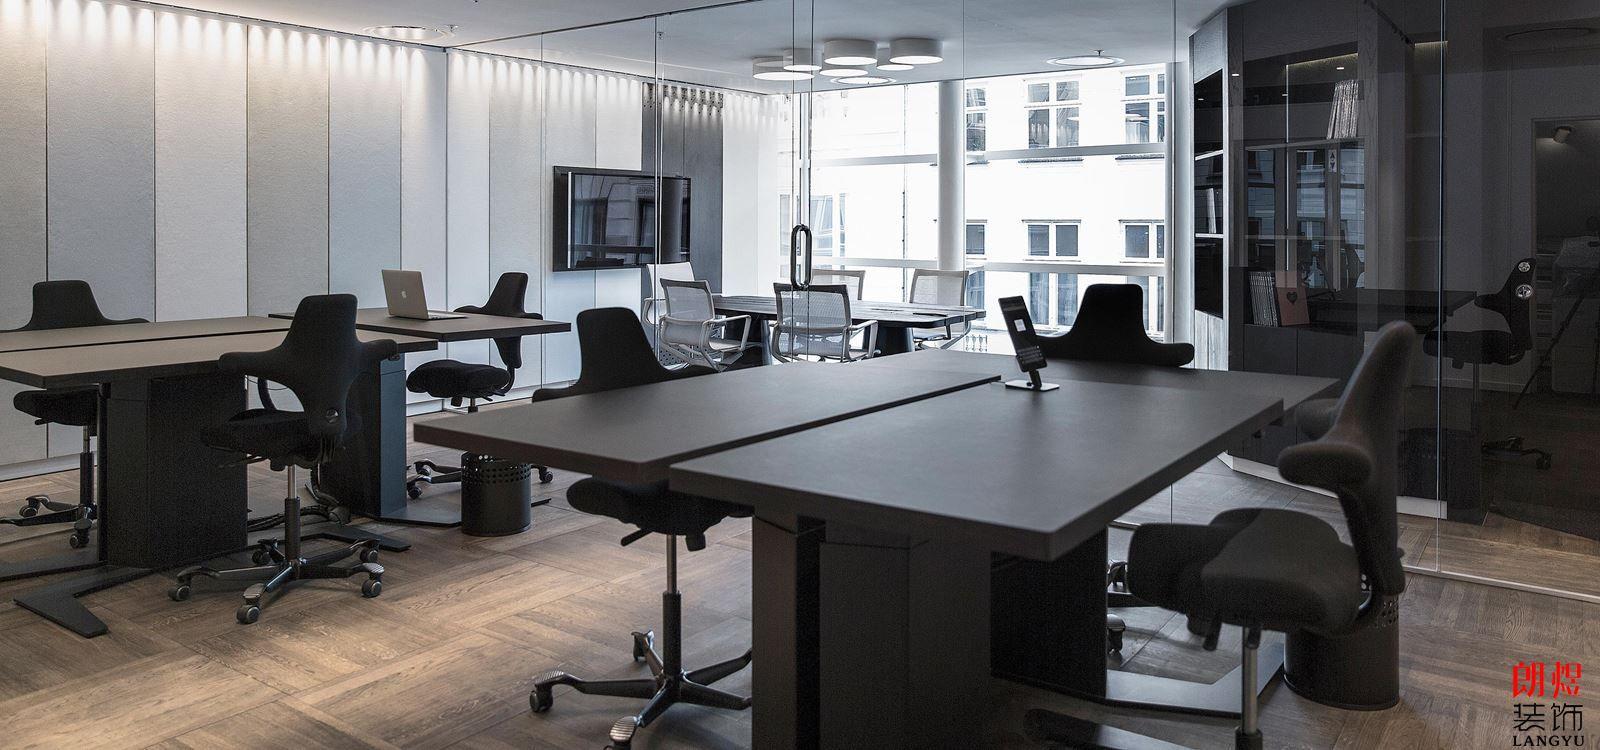 小型办公室设计找谁做 怎么做好看?